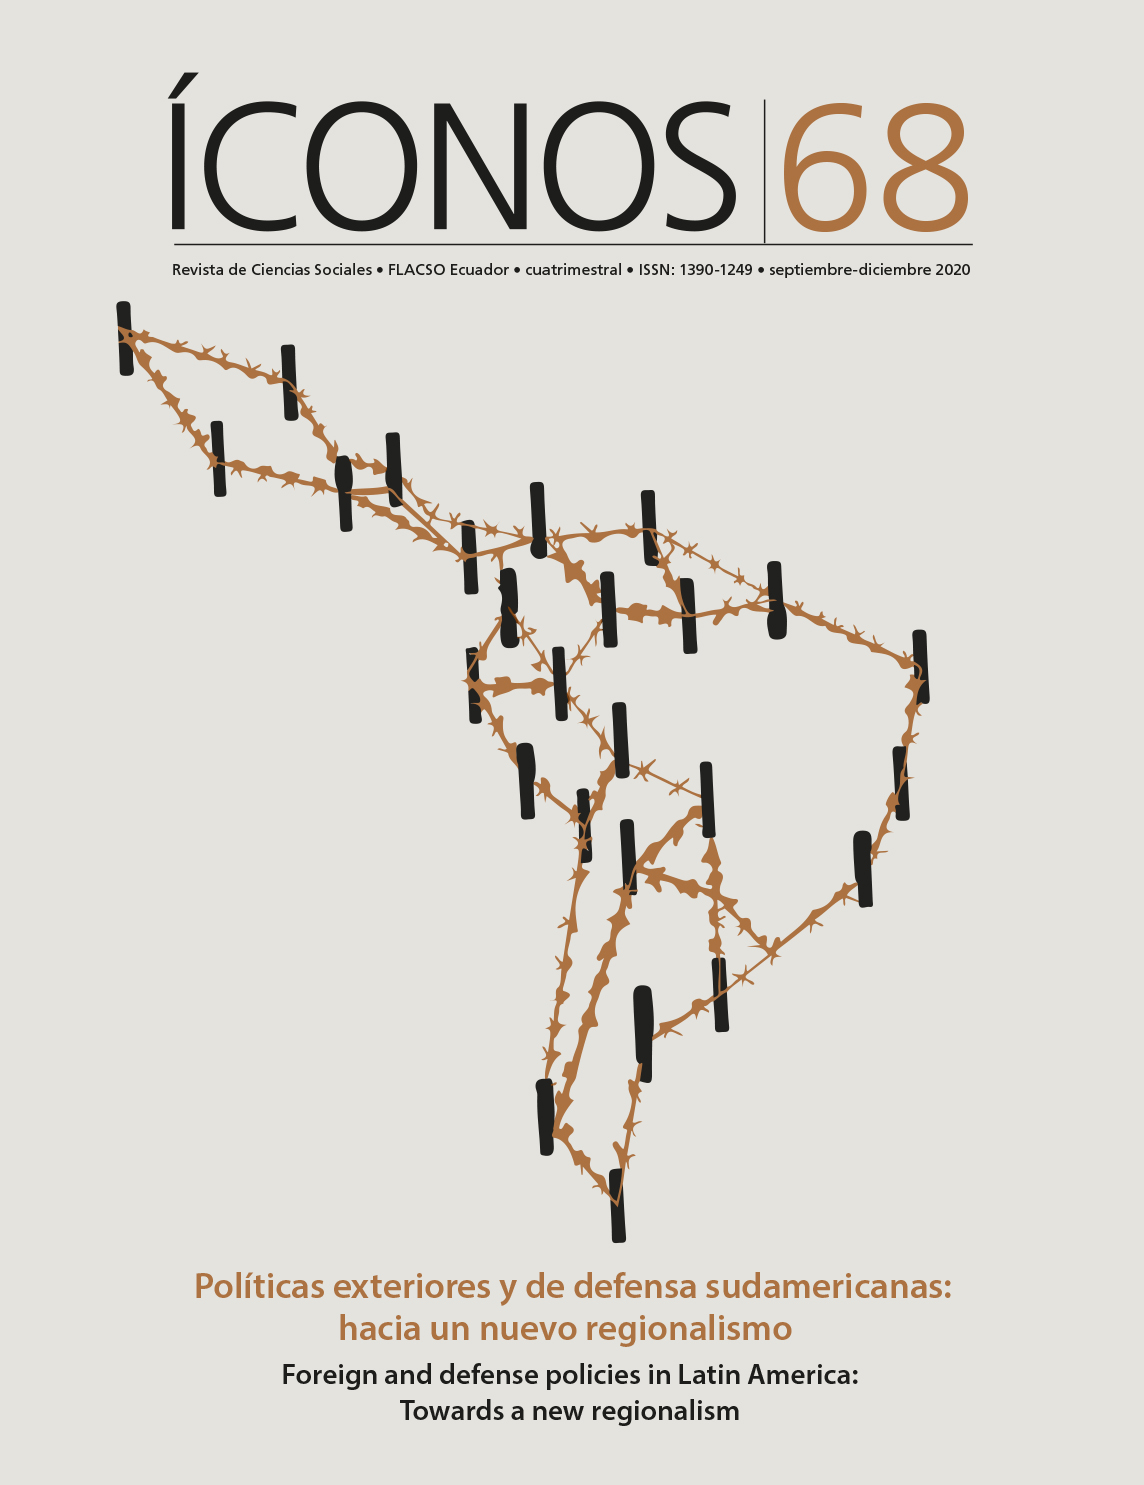 Íconos No. 68. Políticas exteriores y de defensa sudamericanas: hacia un nuevo regionalismo